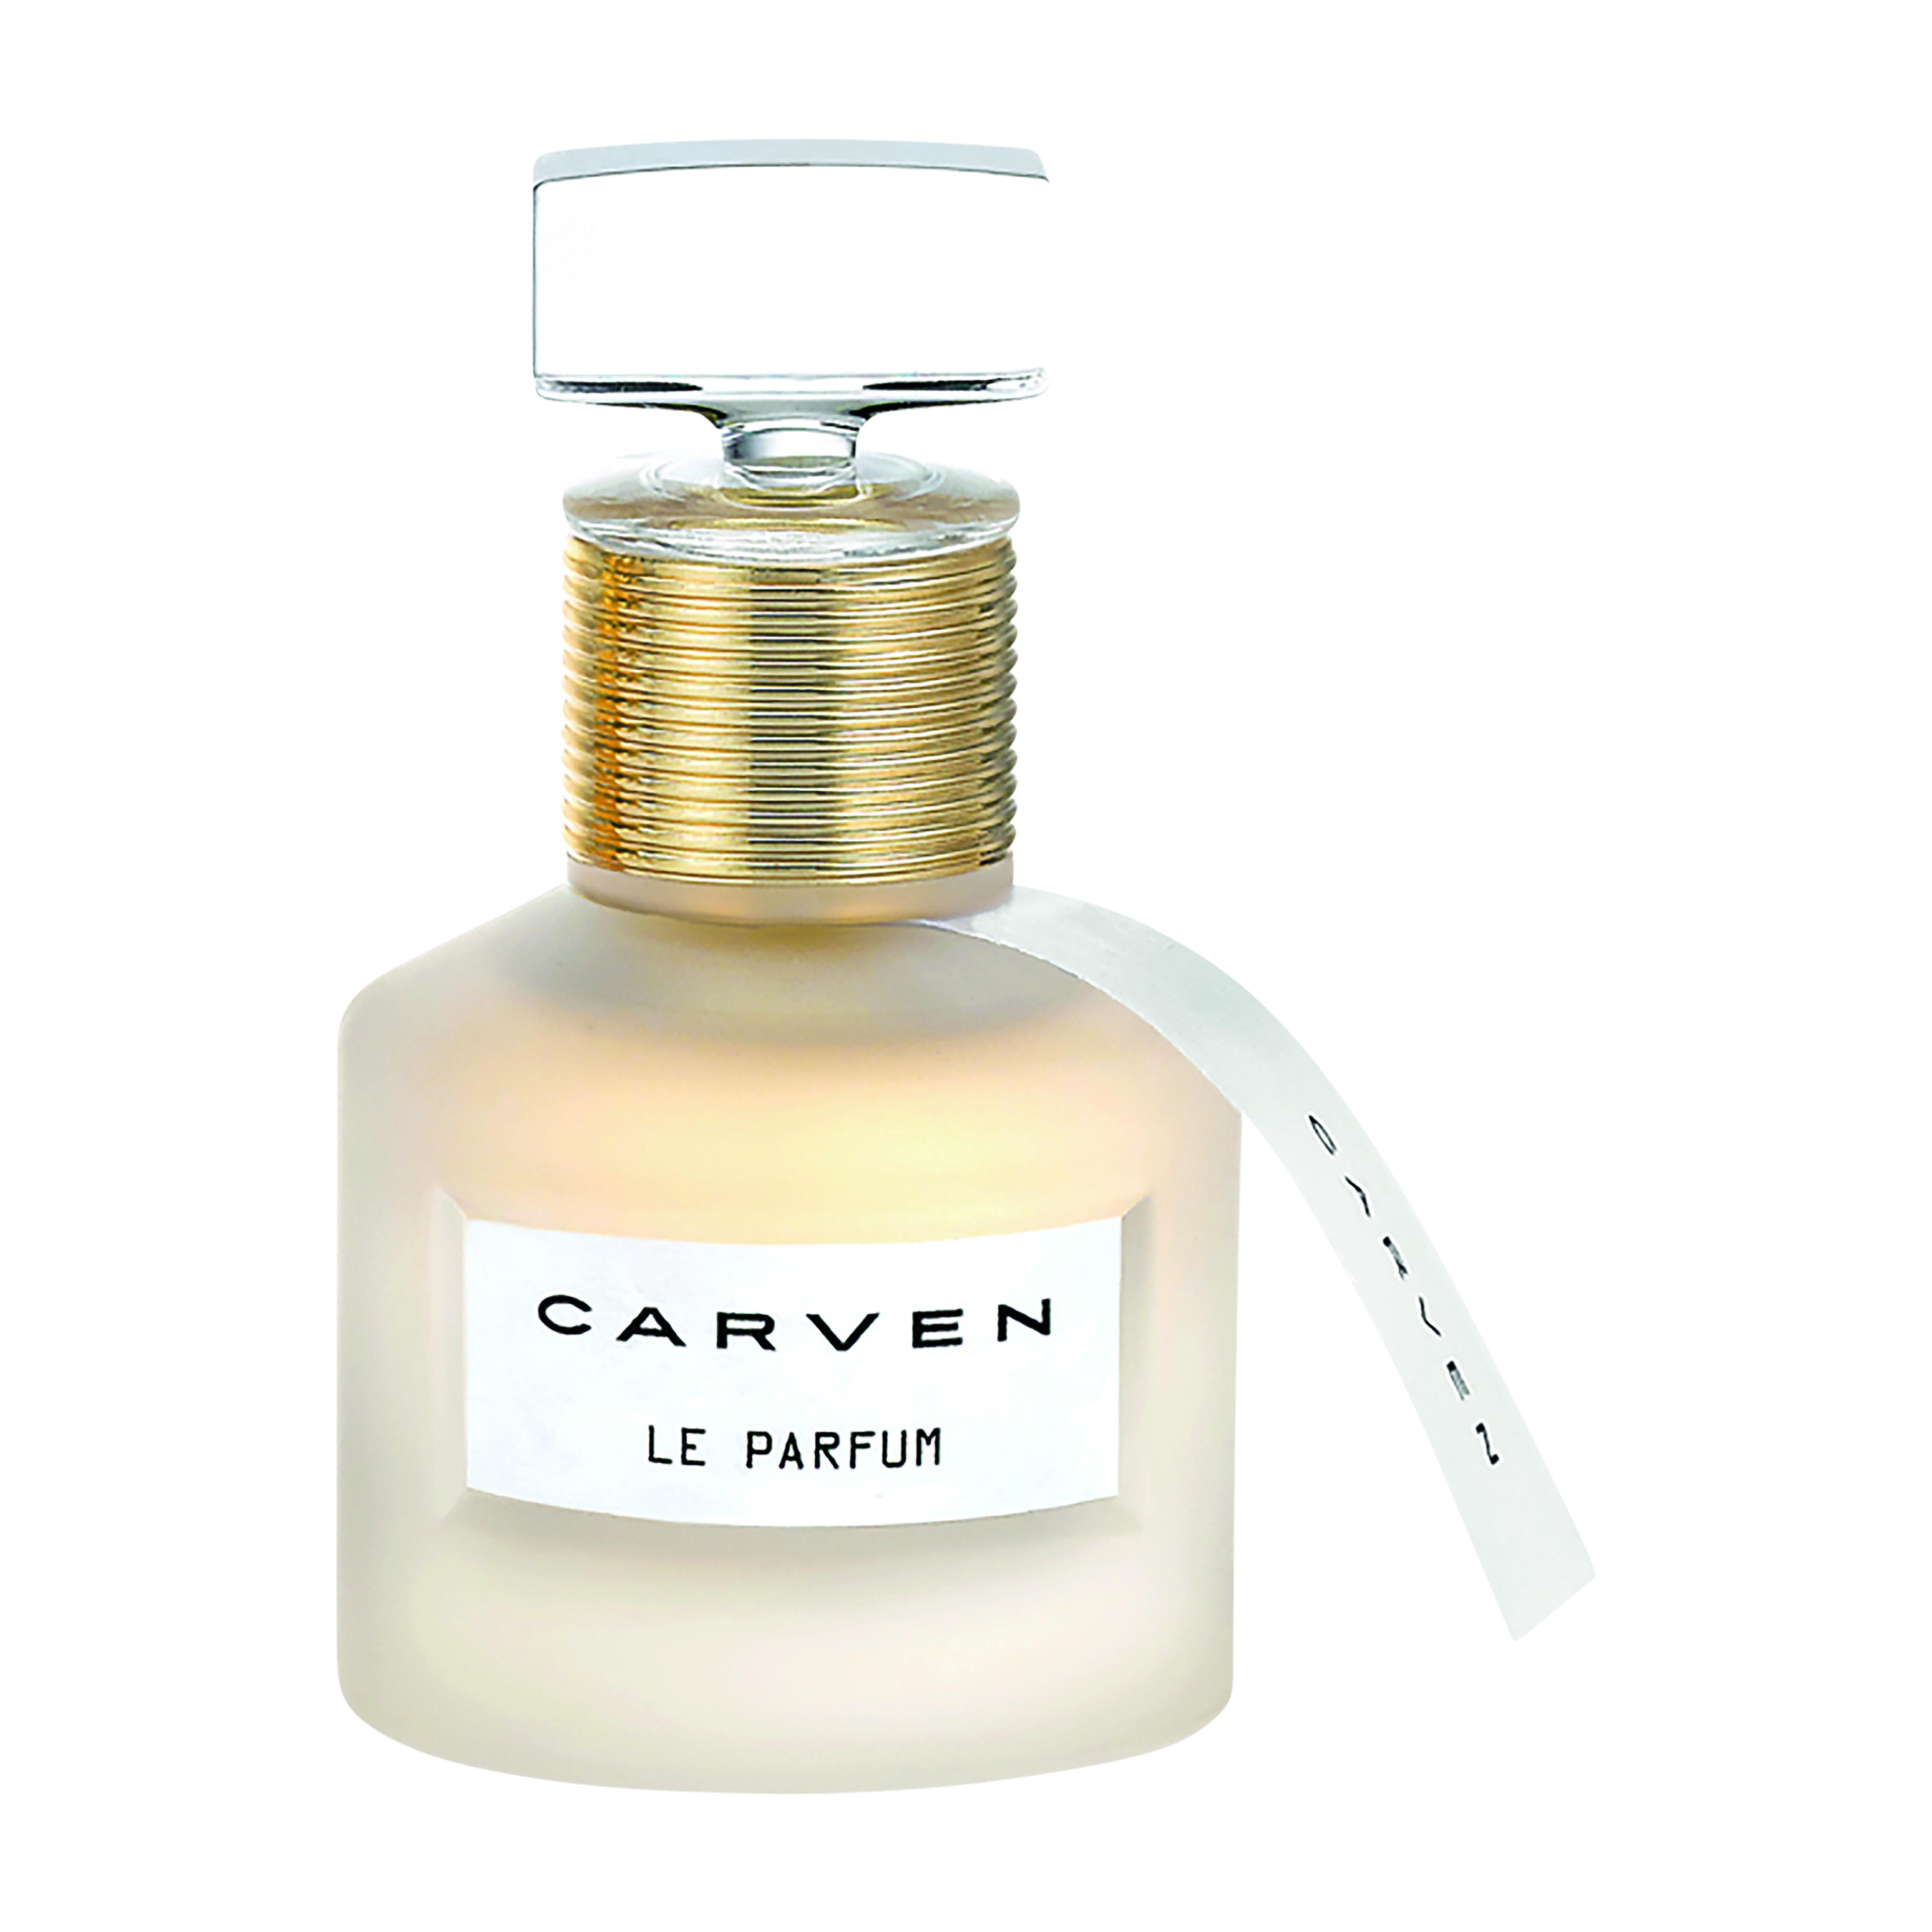 Carven Le Parfum EDP, 30 ml